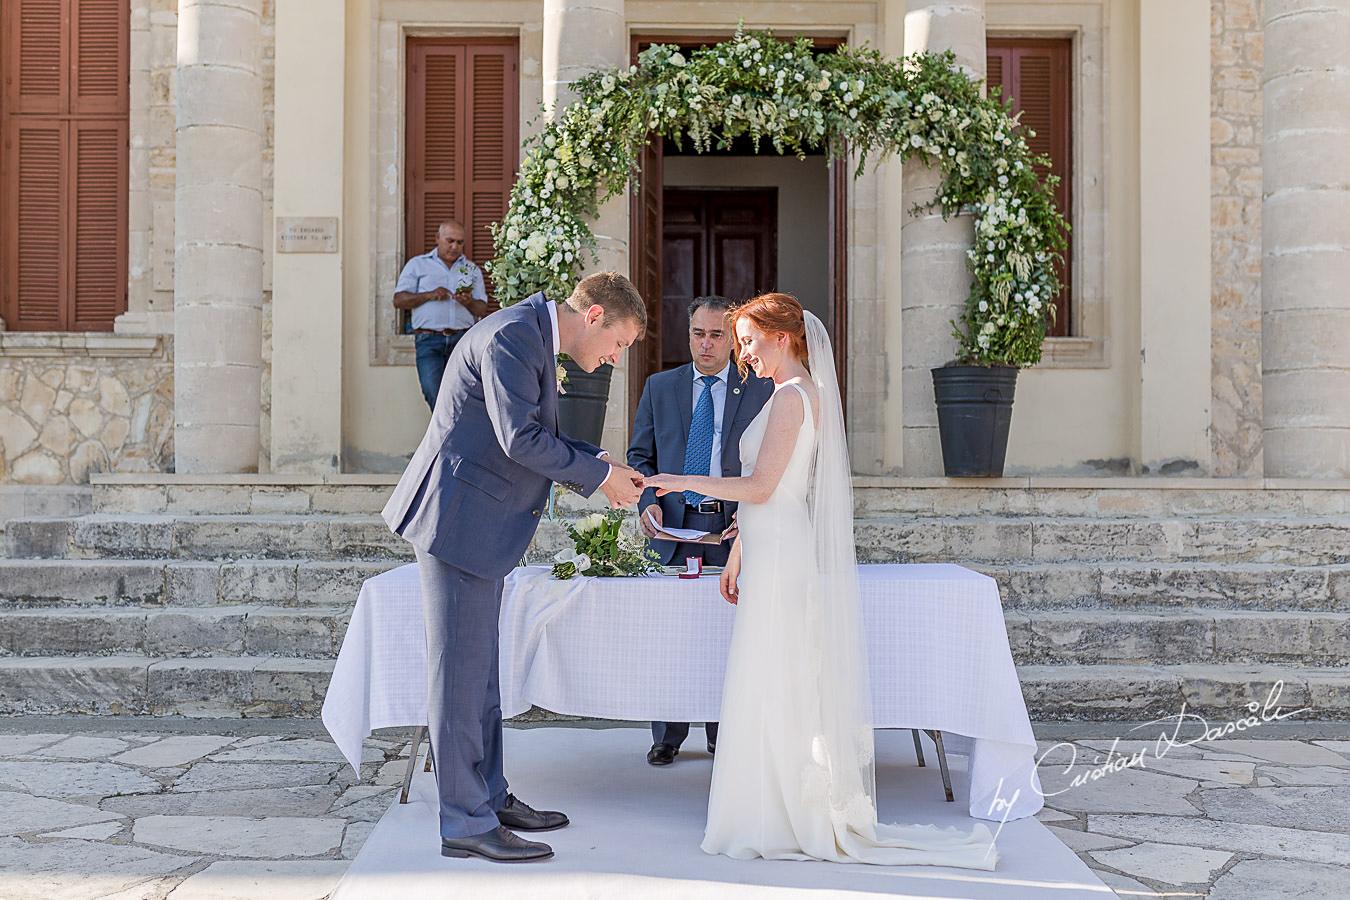 Wedding Celebration at Apokryfo - 58